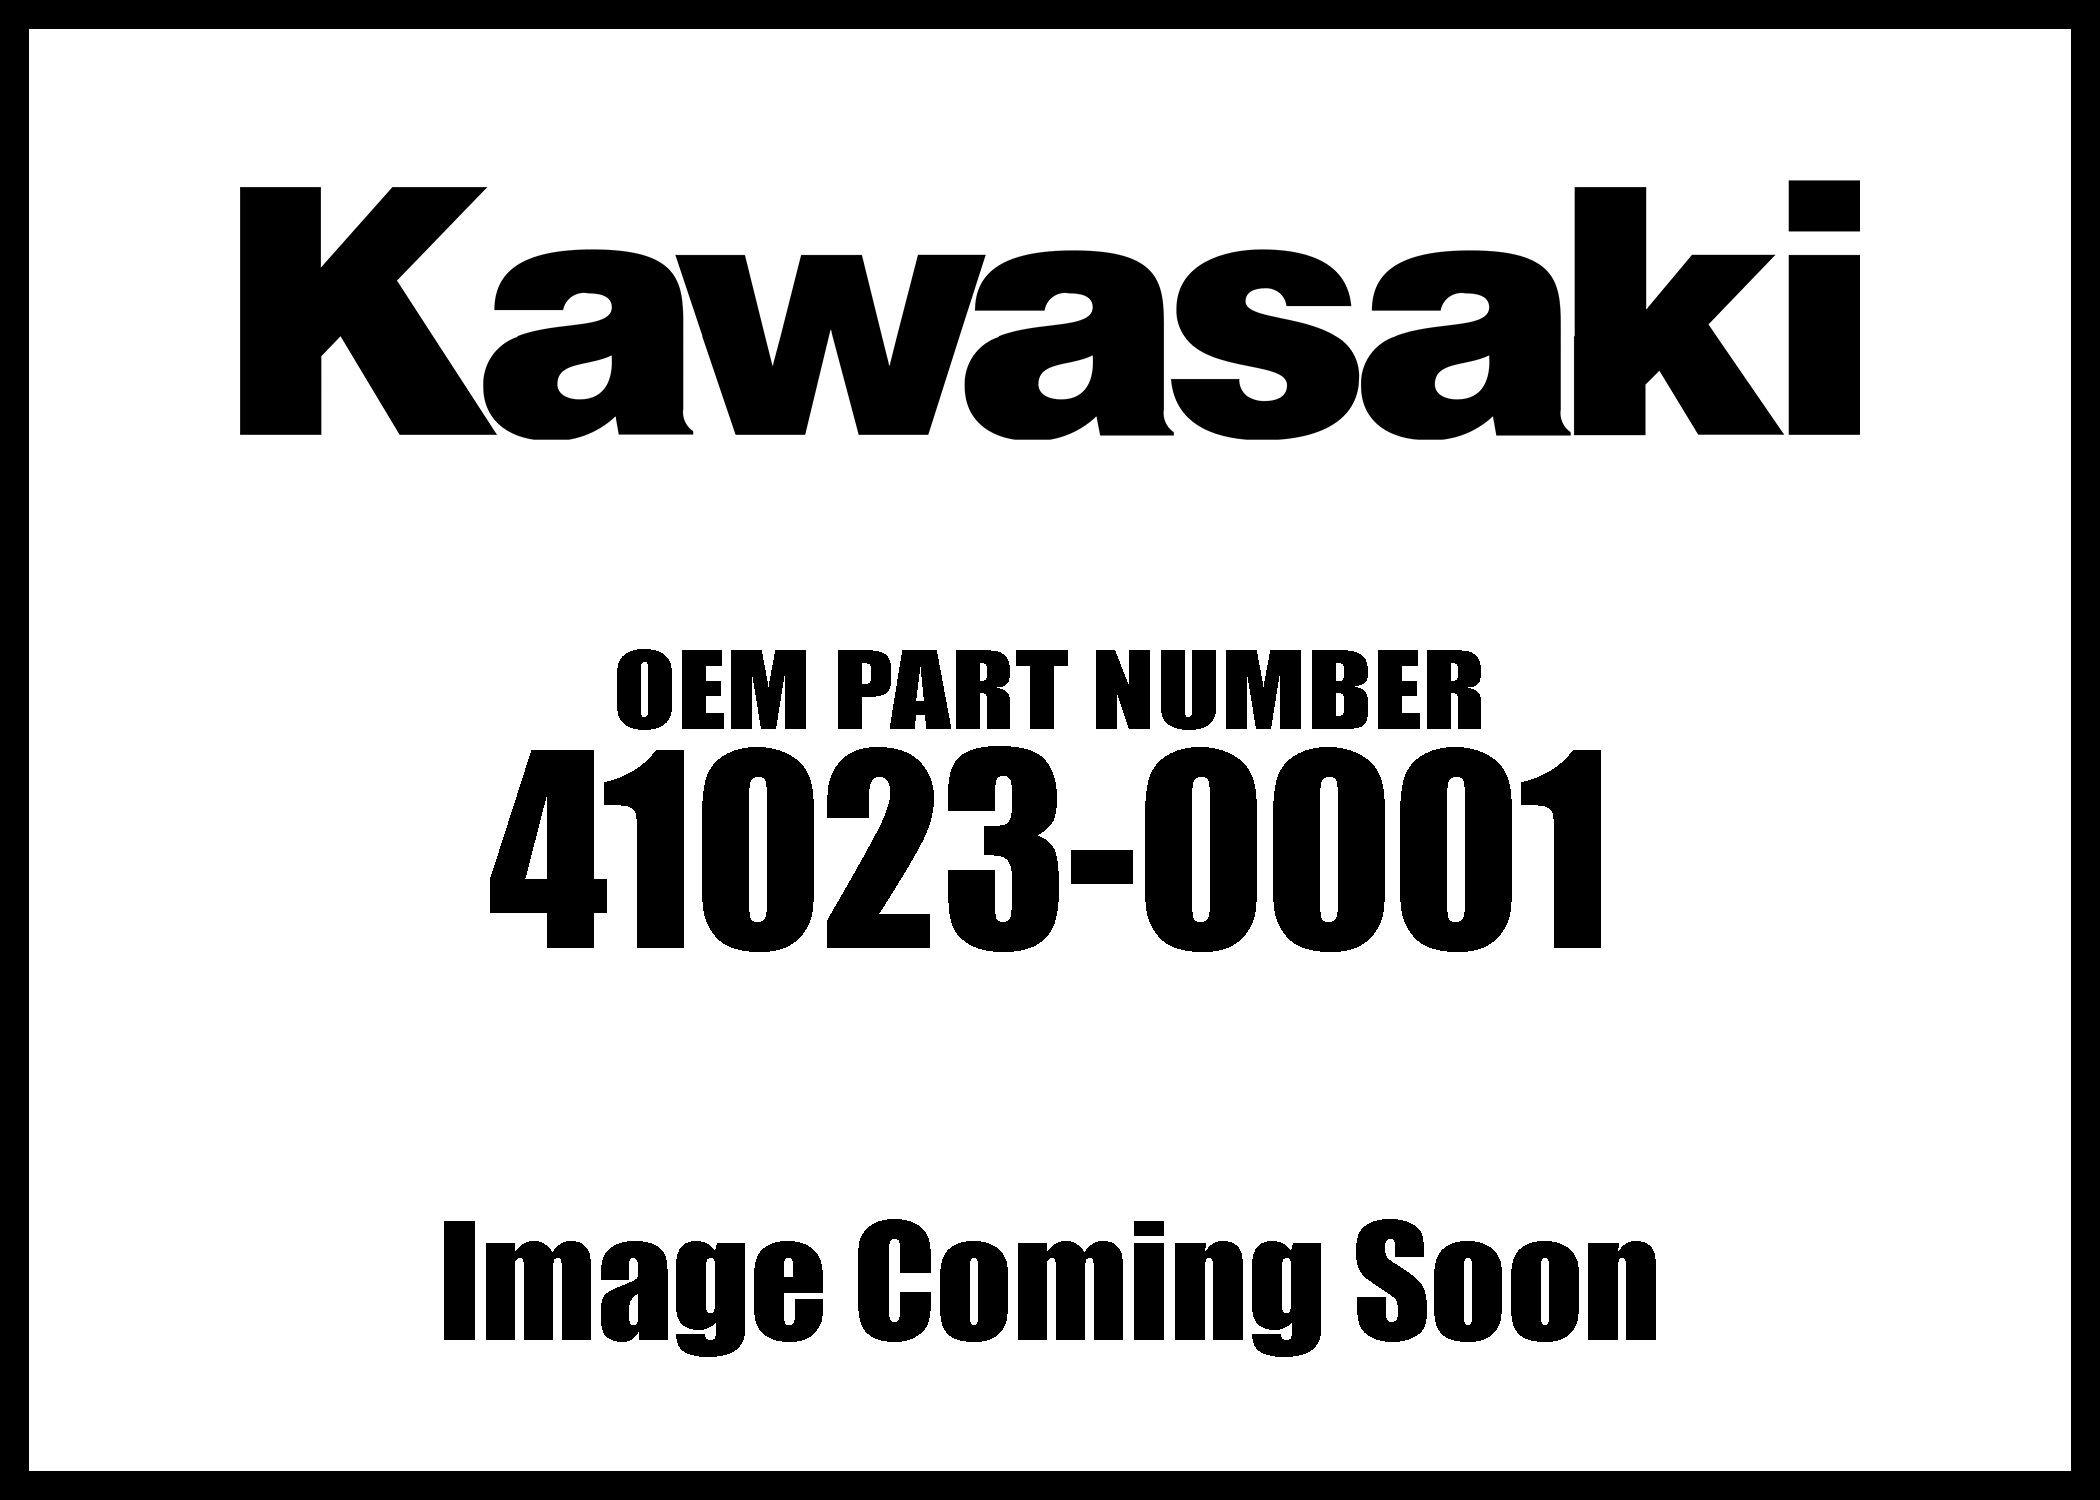 Kawasaki 2003-2018 Klr650 Klr650 Camo Rim 17Xwm/Mt2 15 Band 41023-0001 New Oem